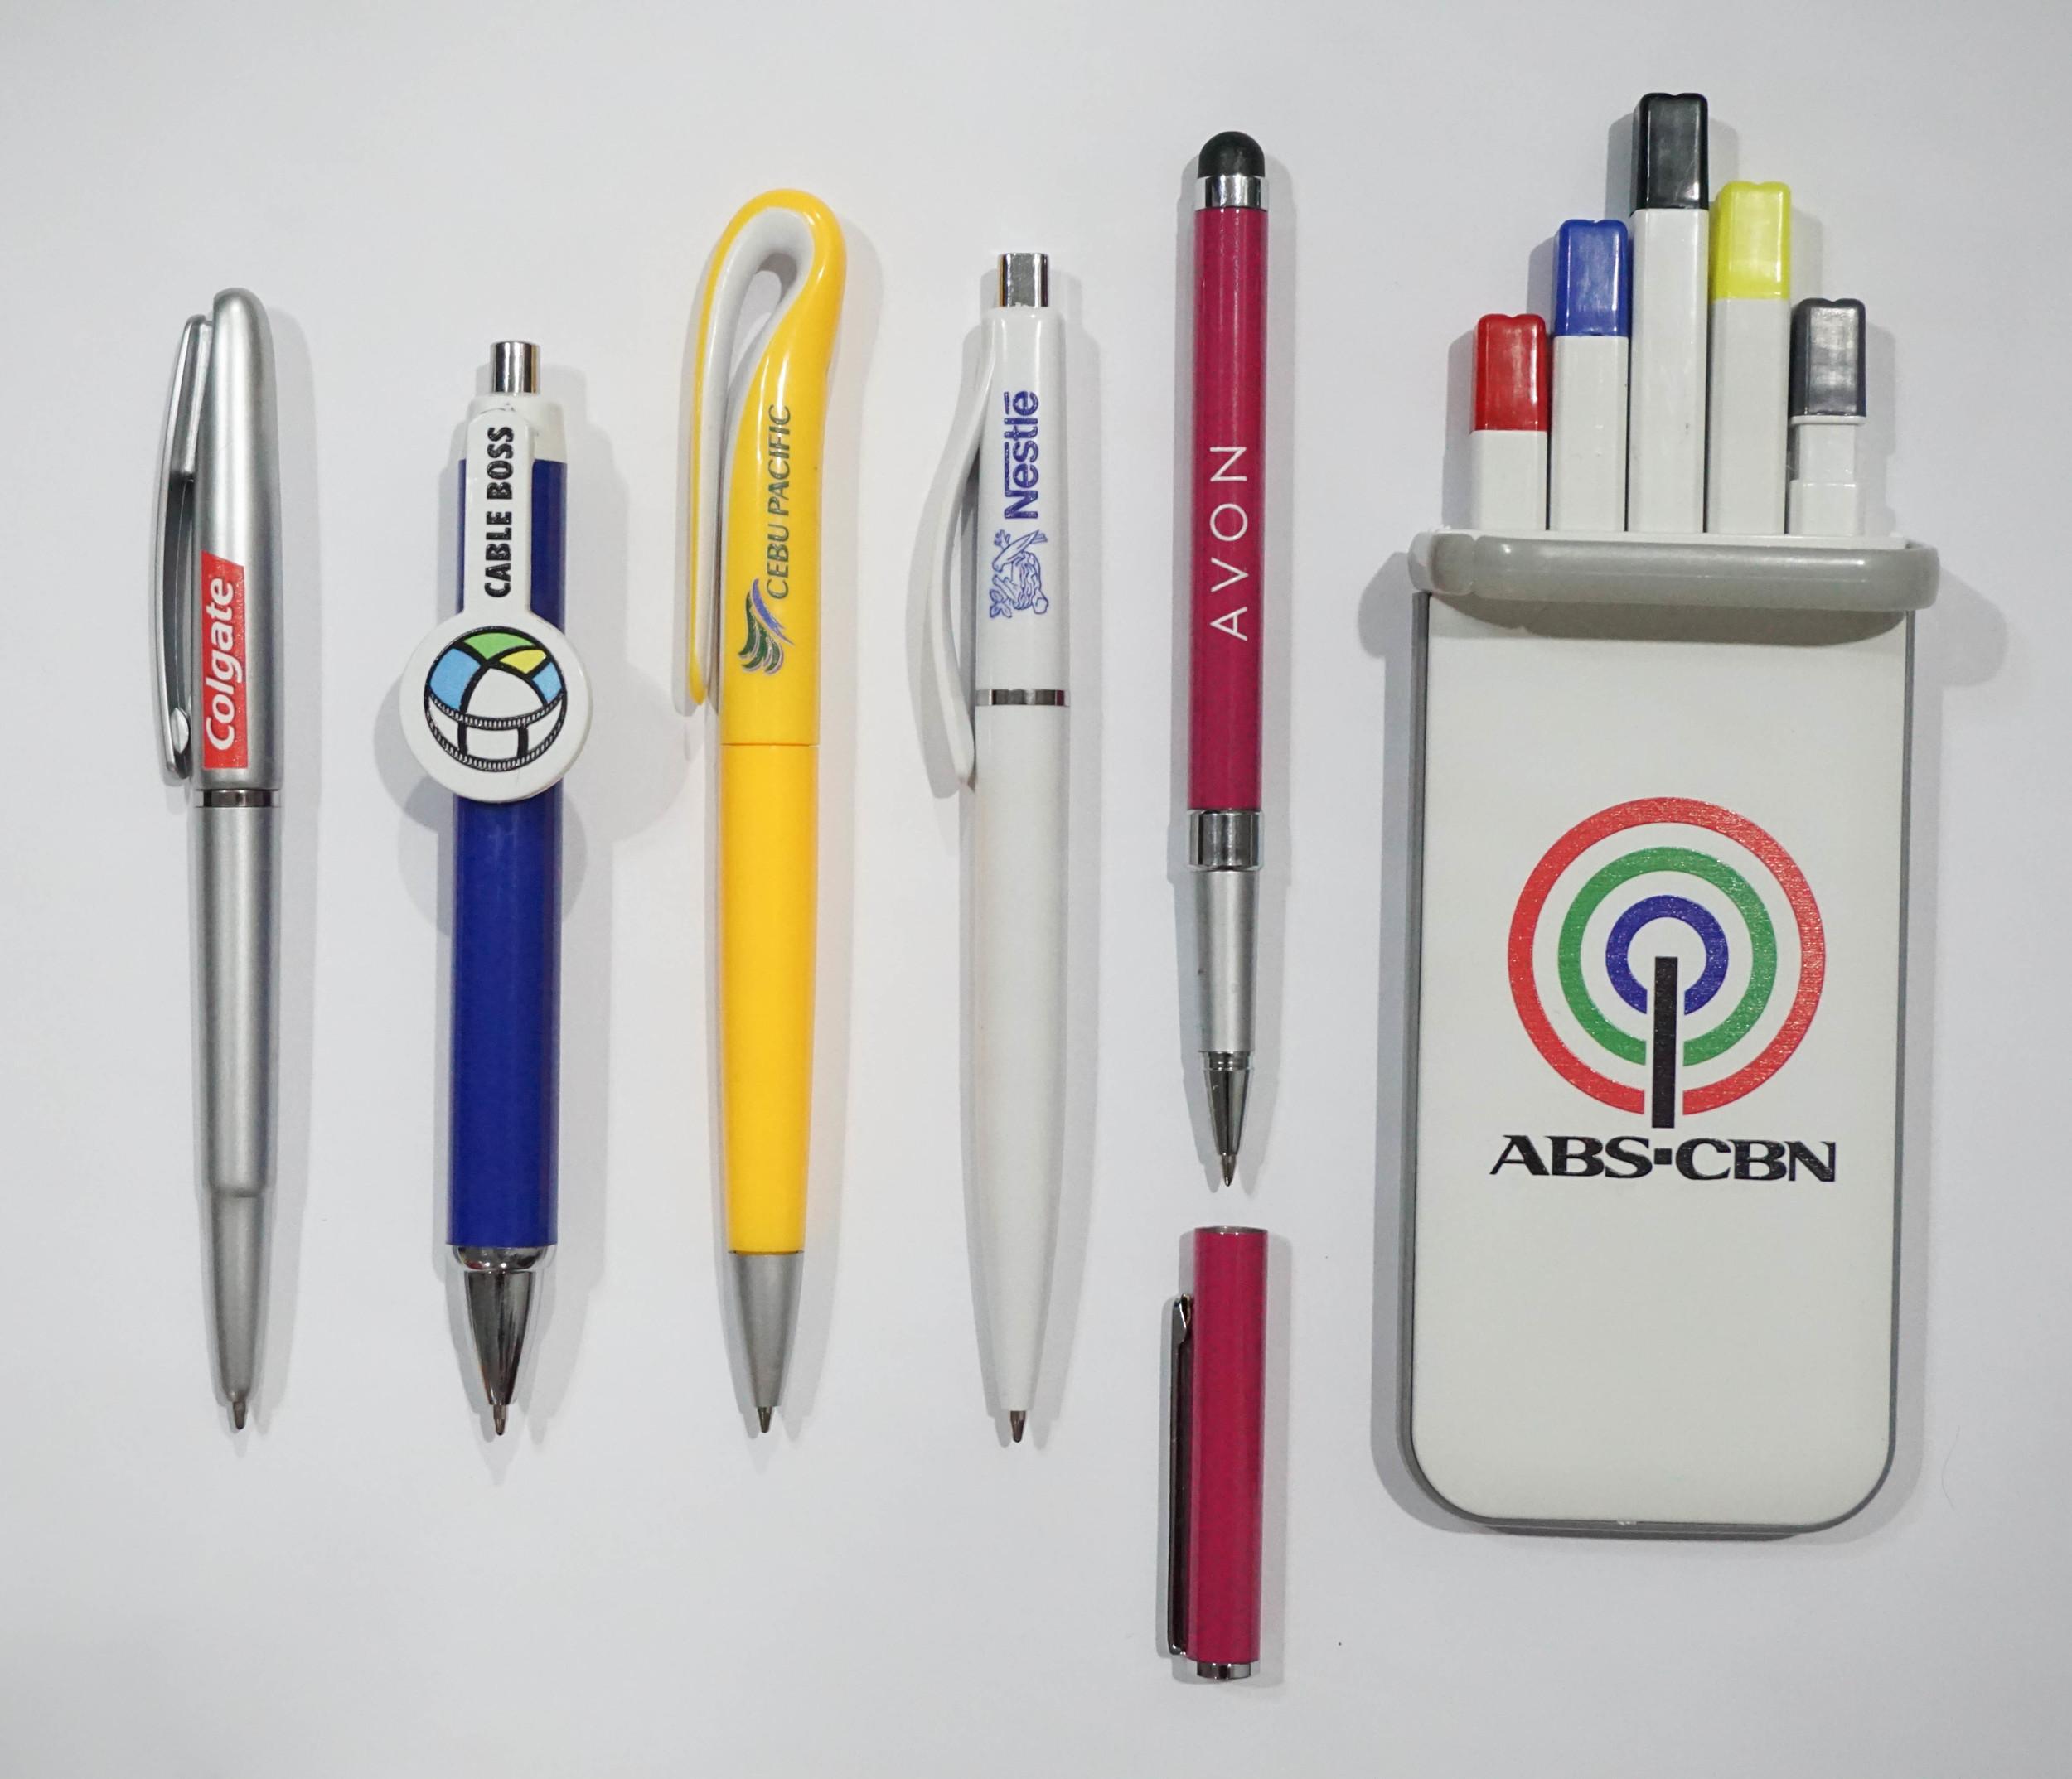 UV Printed Pens